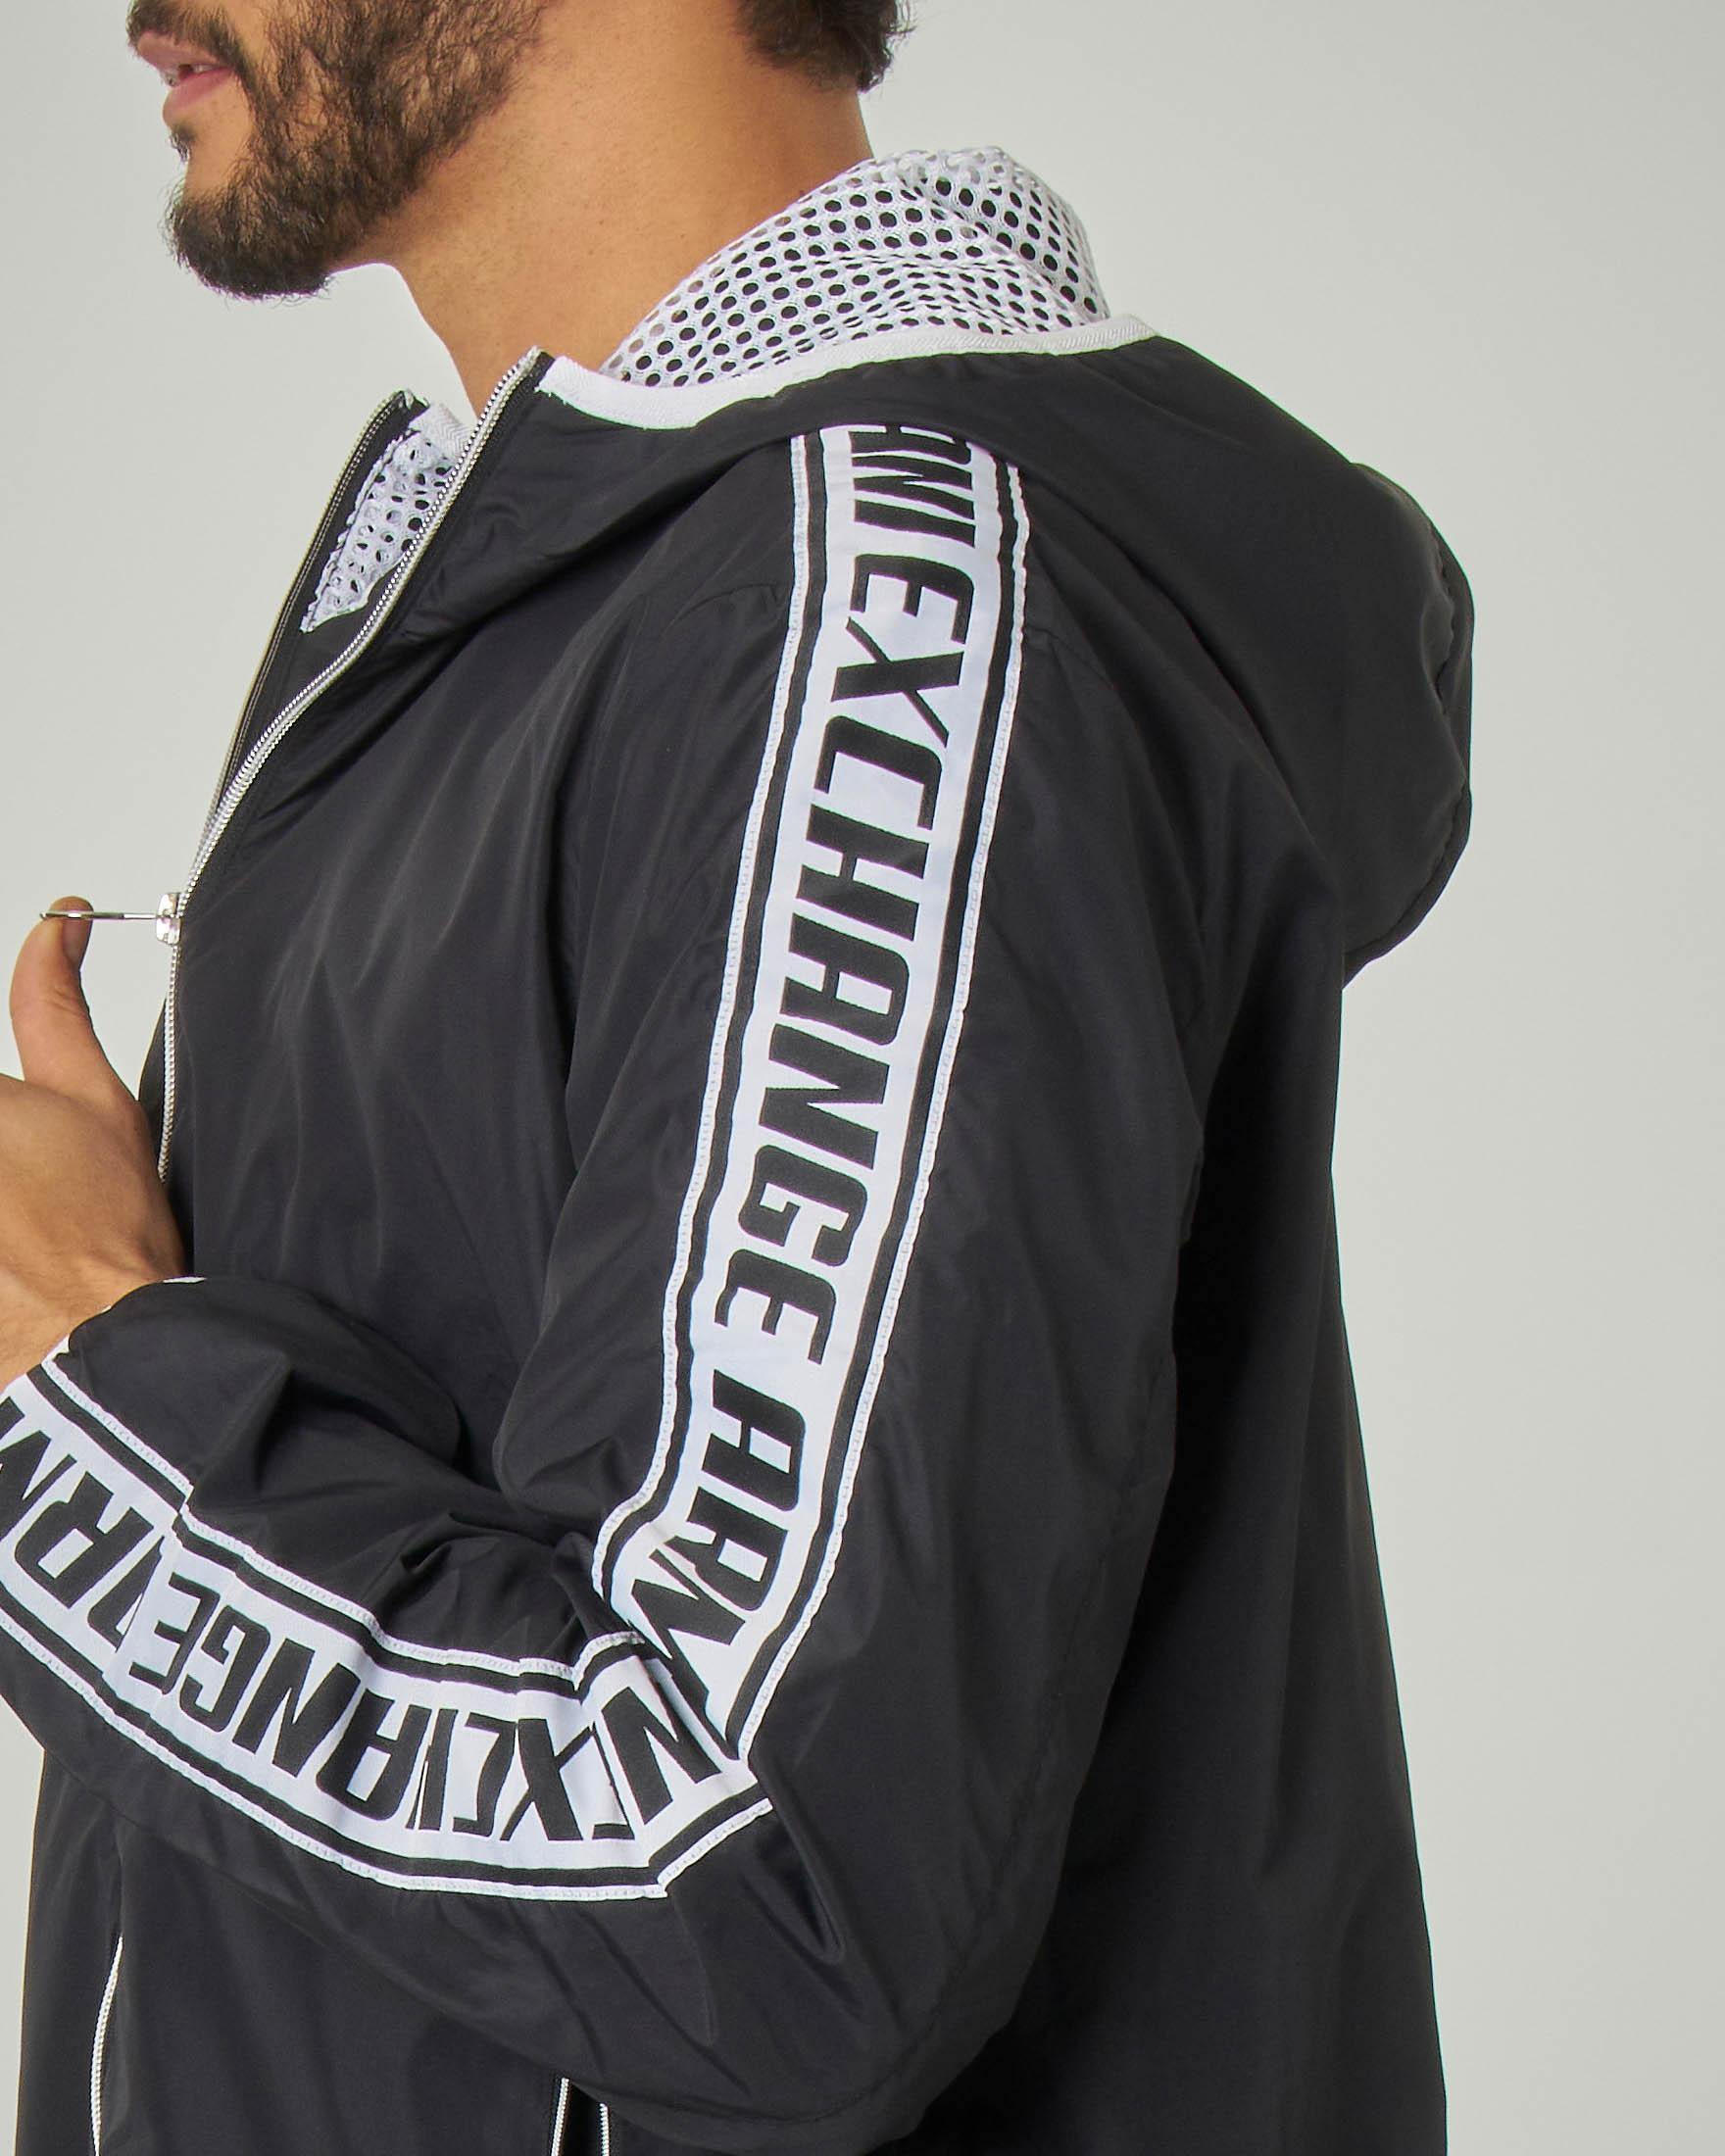 Giacca nera in nylon con bande logate a contrasto